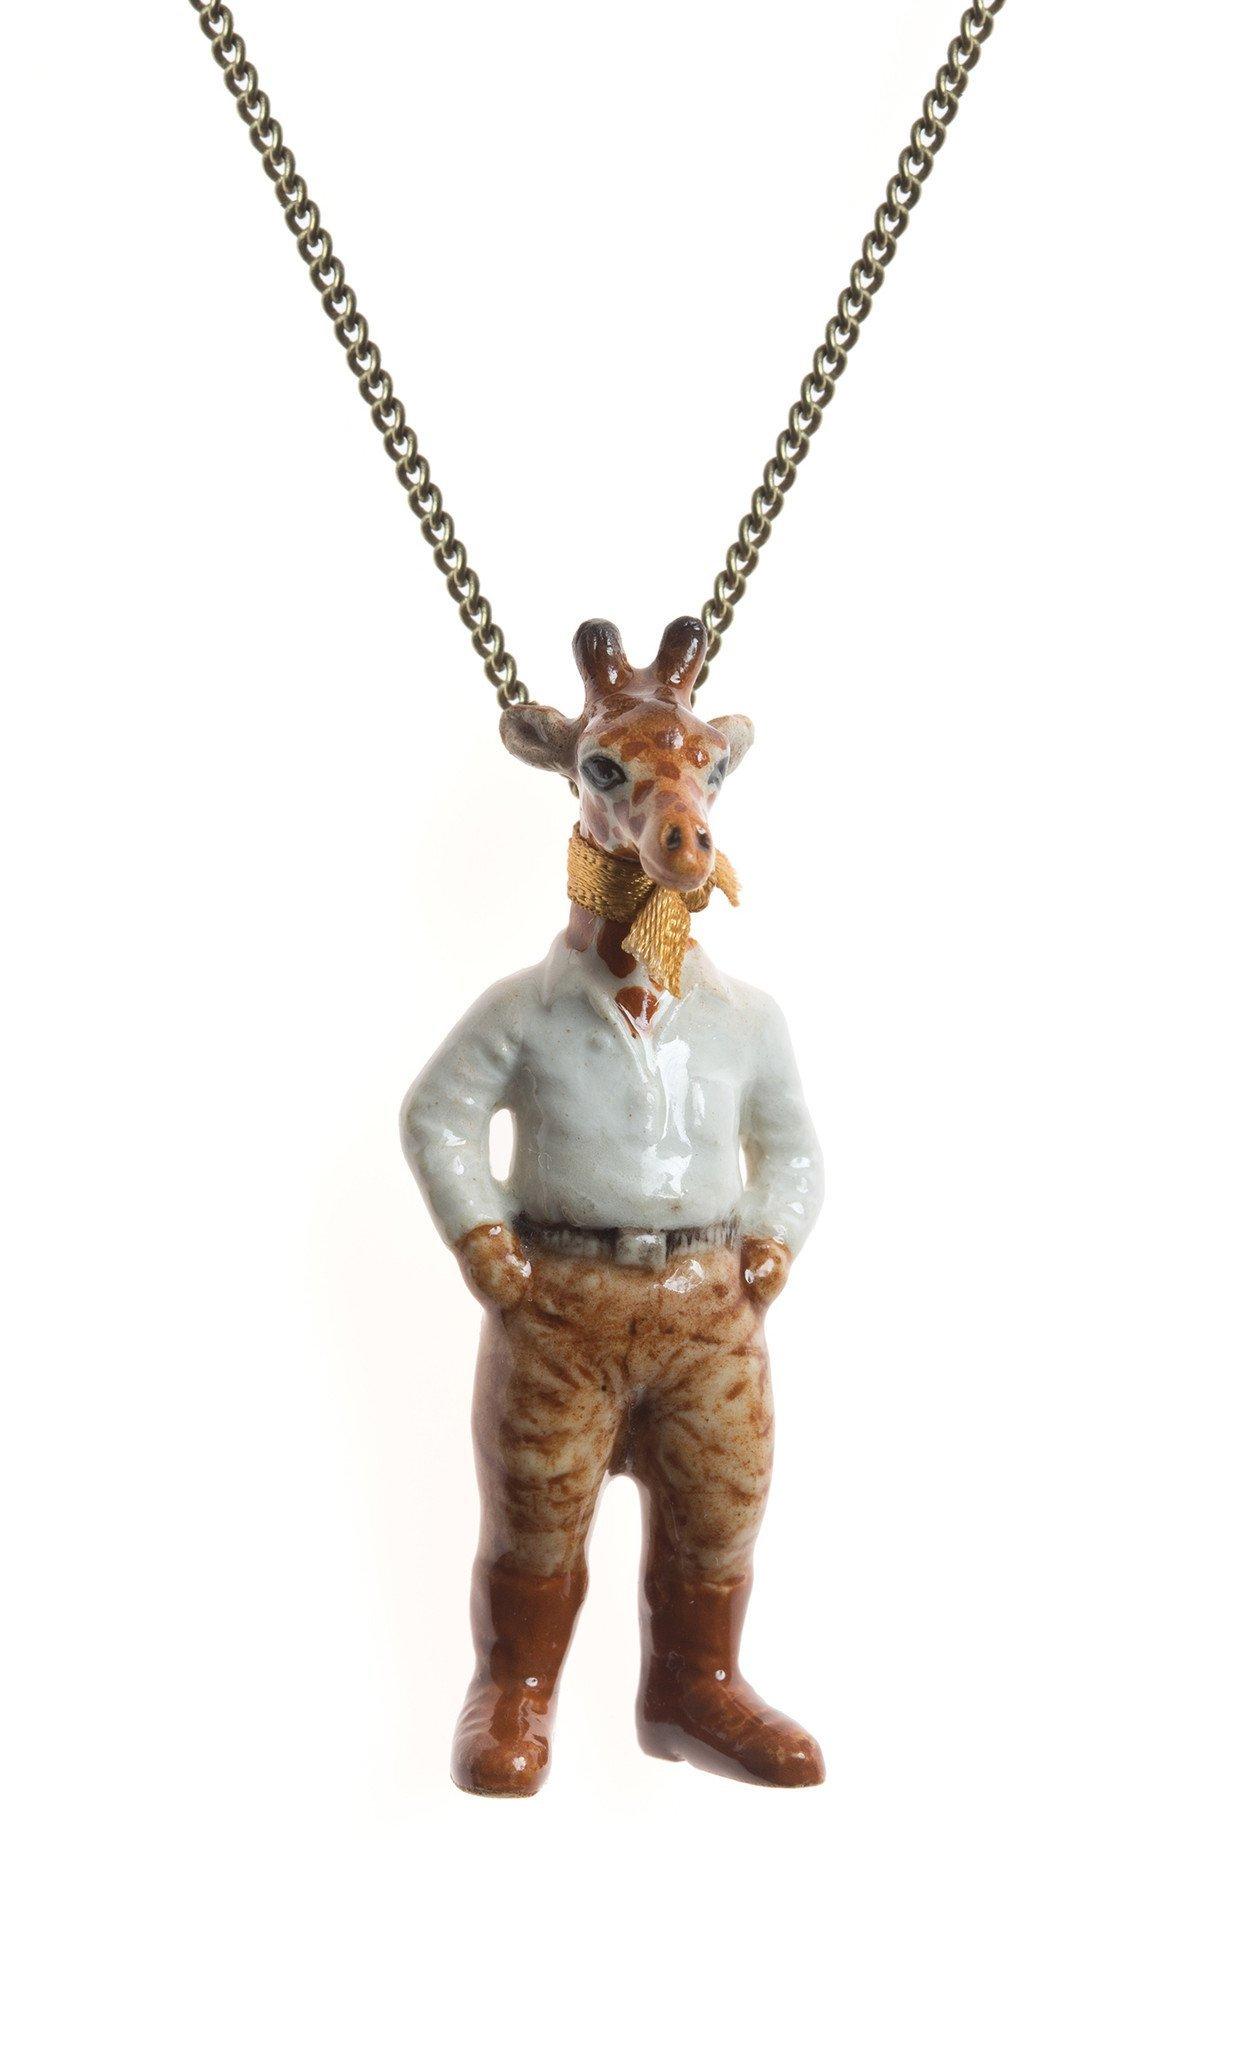 Mr_Giraffe_2048x2048.jpg